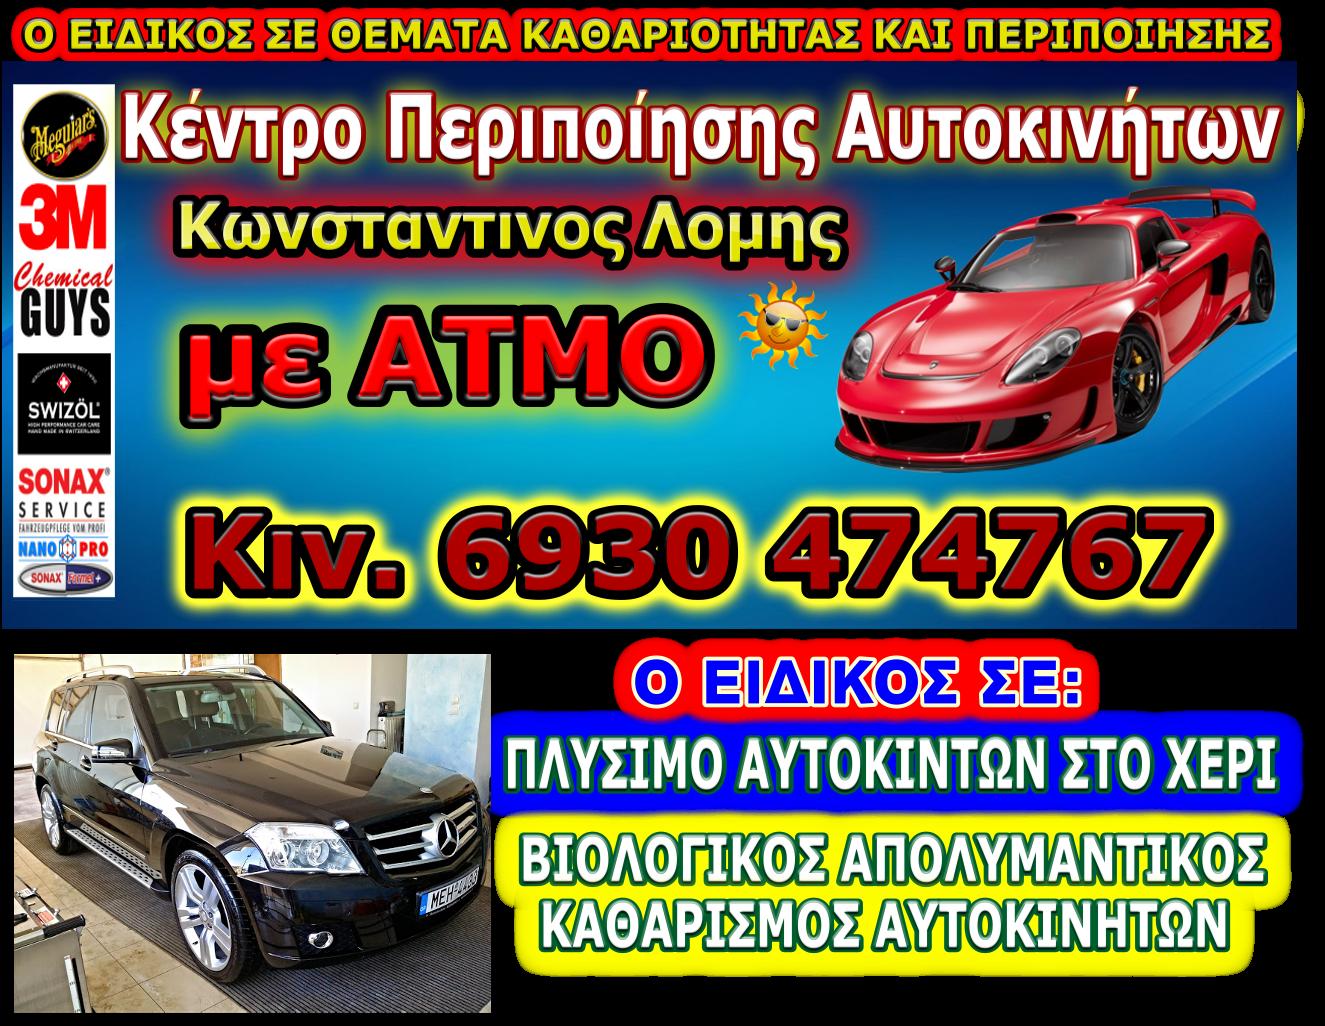 Πλυντηριο Αυτοκινητων Αθηνα Ο Ειδικος